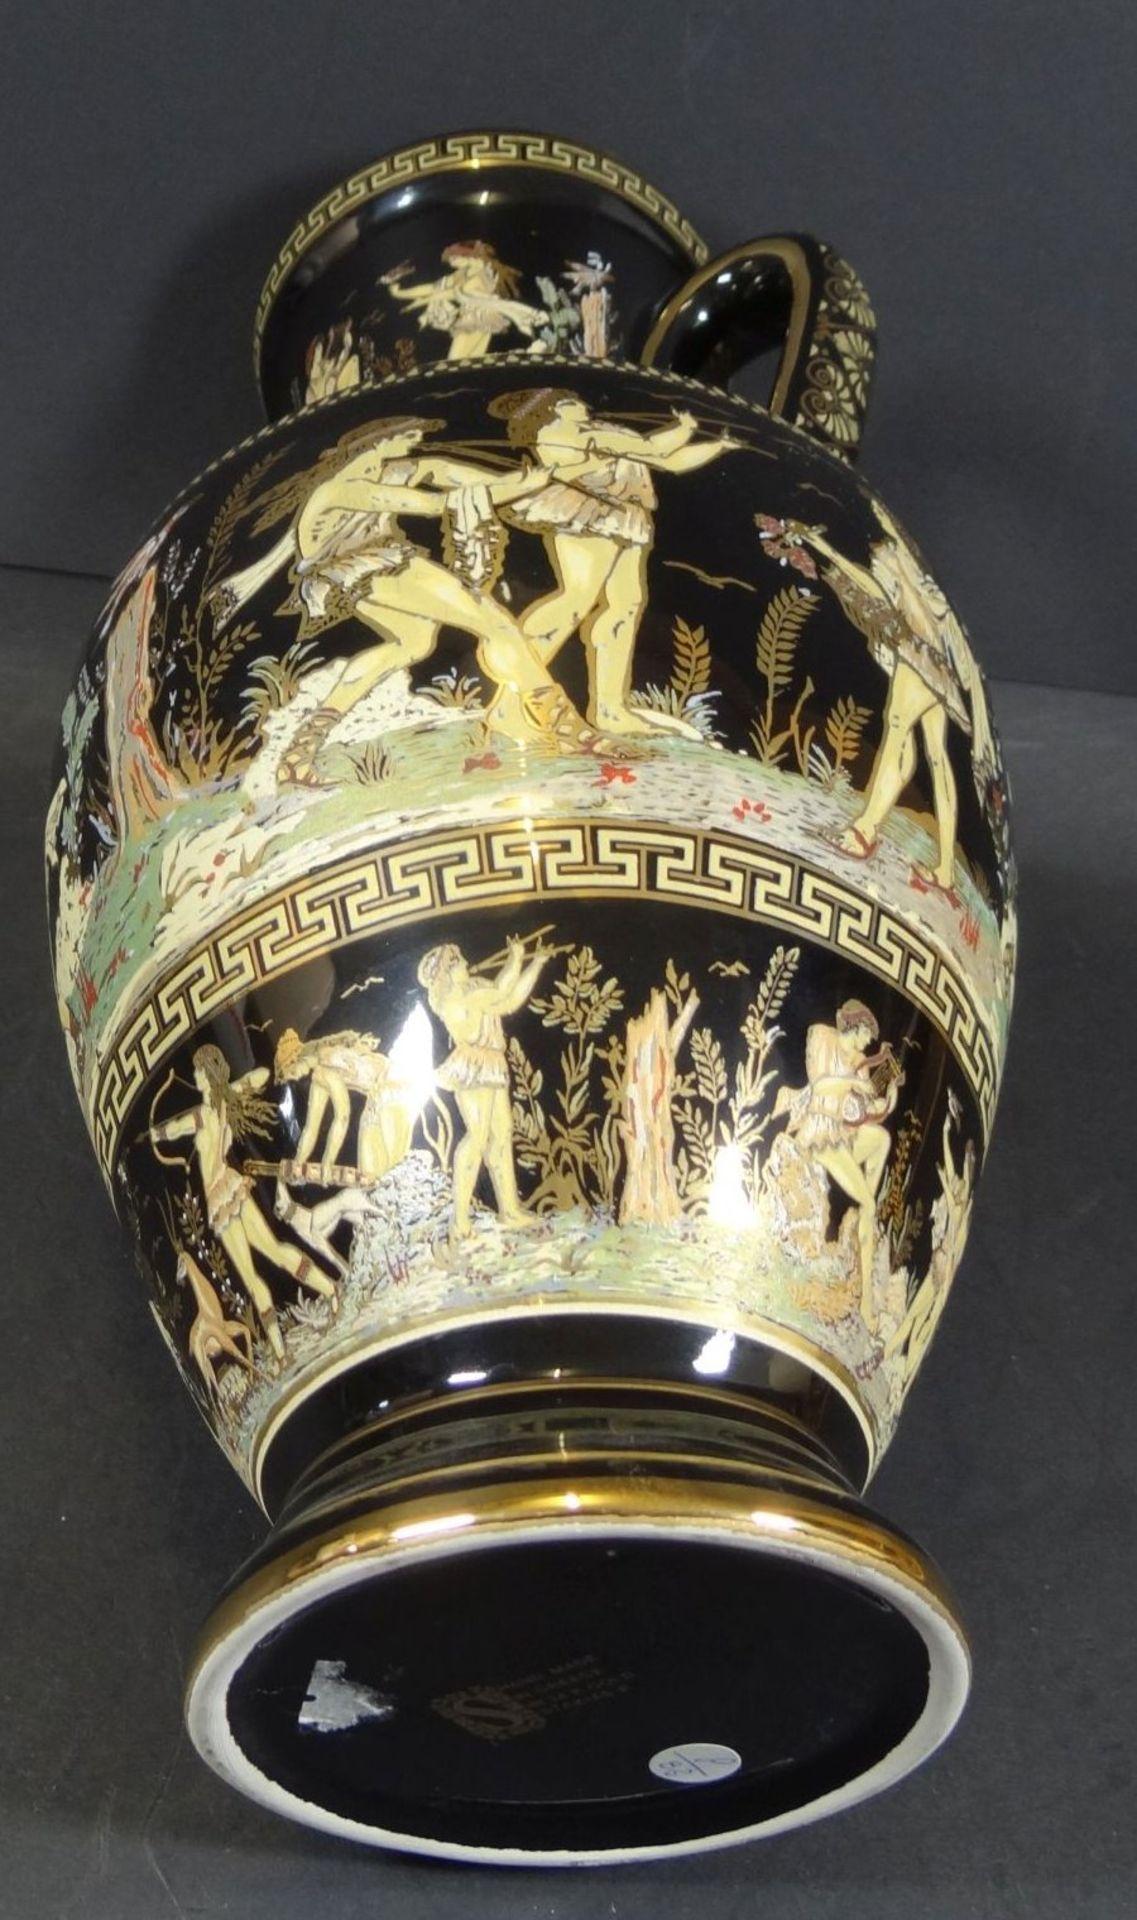 Los 1011 - gr. Henkelvase mit antikis. griechischen Motiven bemalt, Greece Handarbeit, H-30 cm